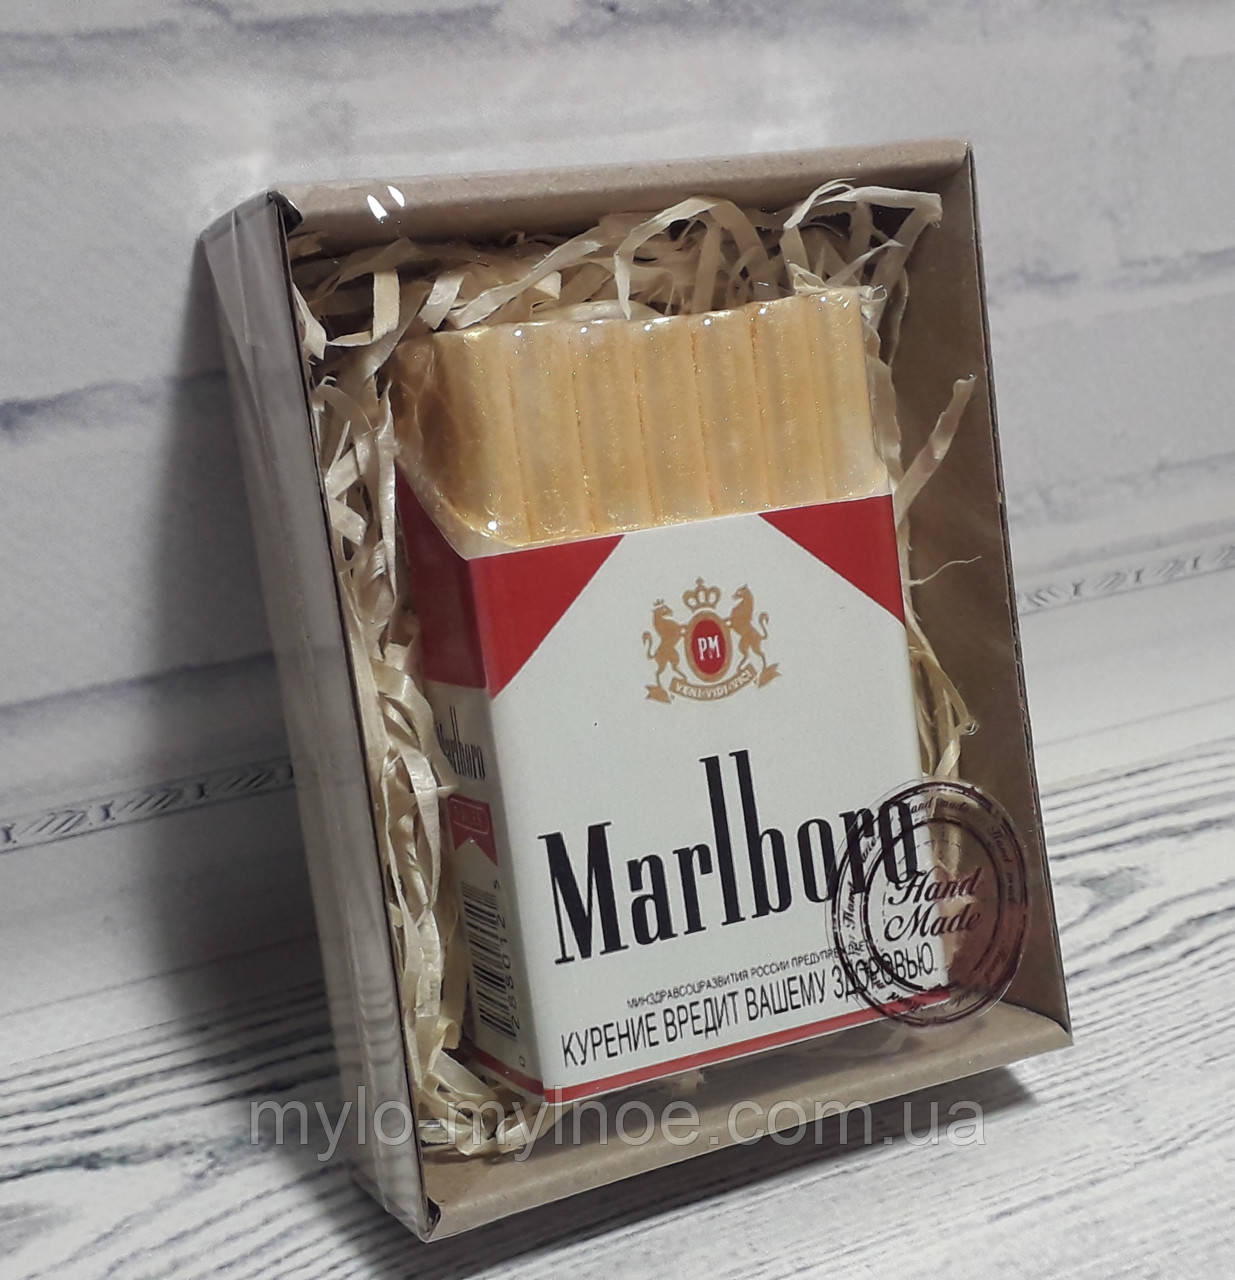 где купить пачку сигарет